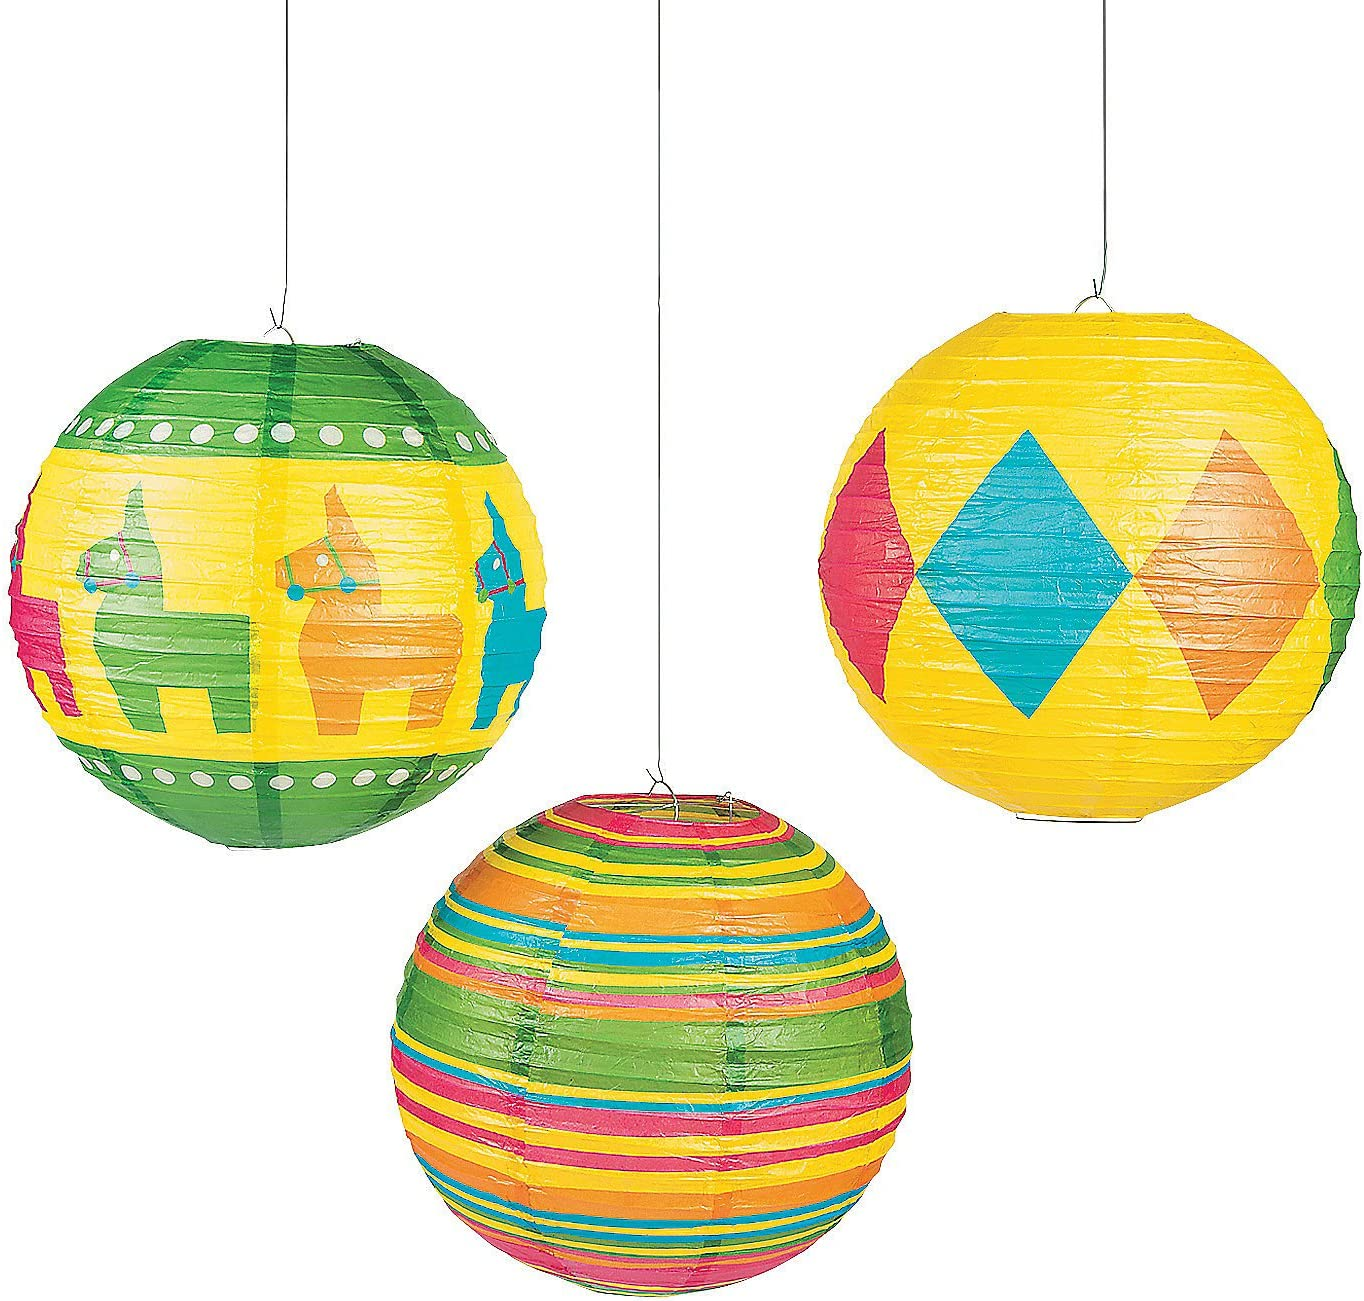 Fun Express - Fiesta Party Paper Lanterns (6pc) for Cinco de Mayo - Party Decor - Hanging Decor - Lanterns - Cinco de Mayo - 6 Pieces